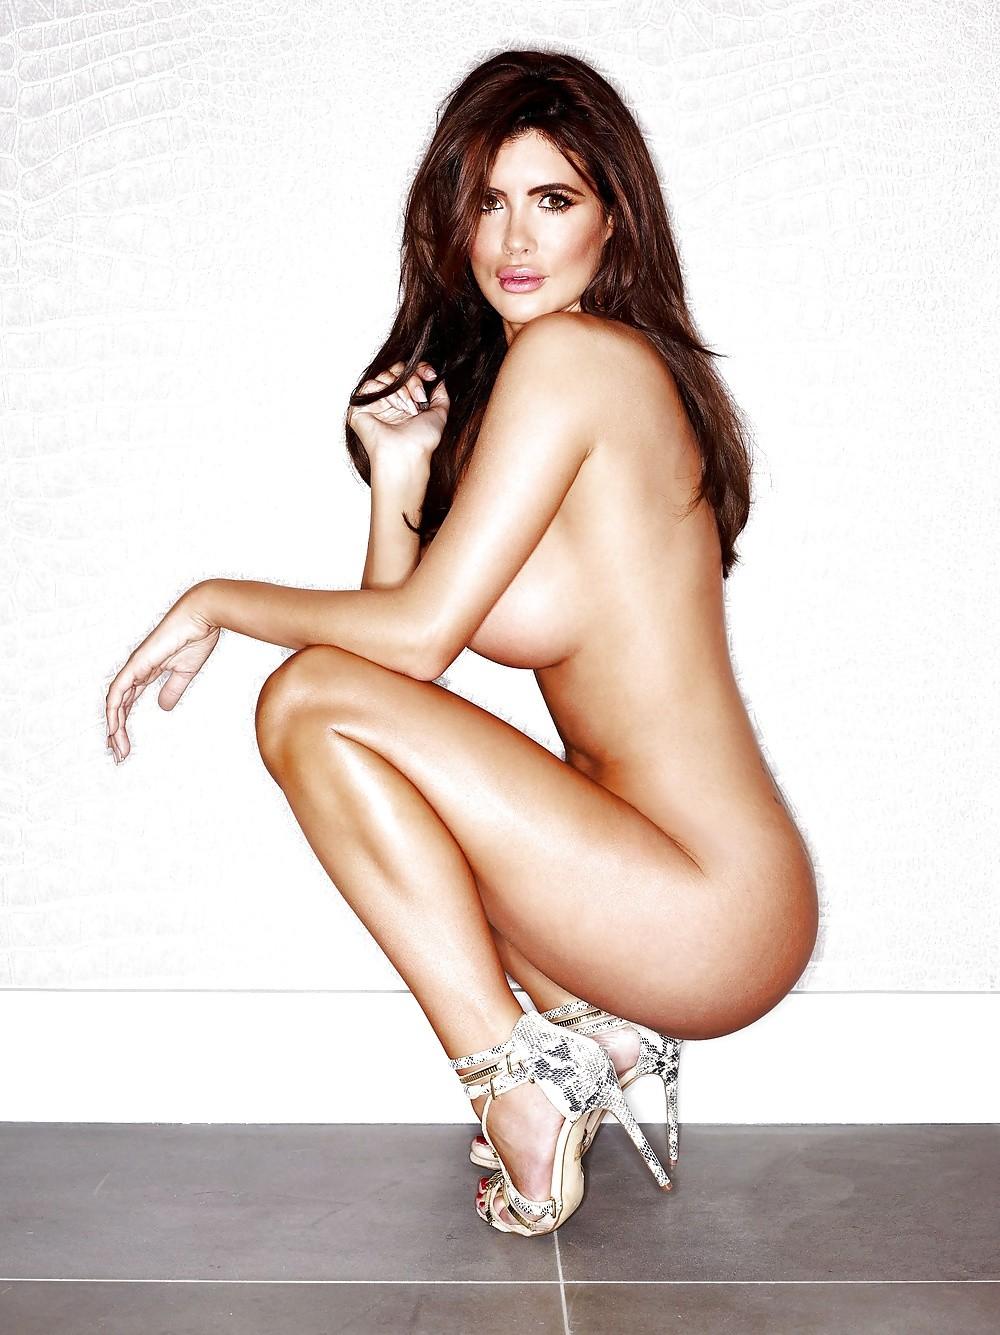 Helen mirren topless pics